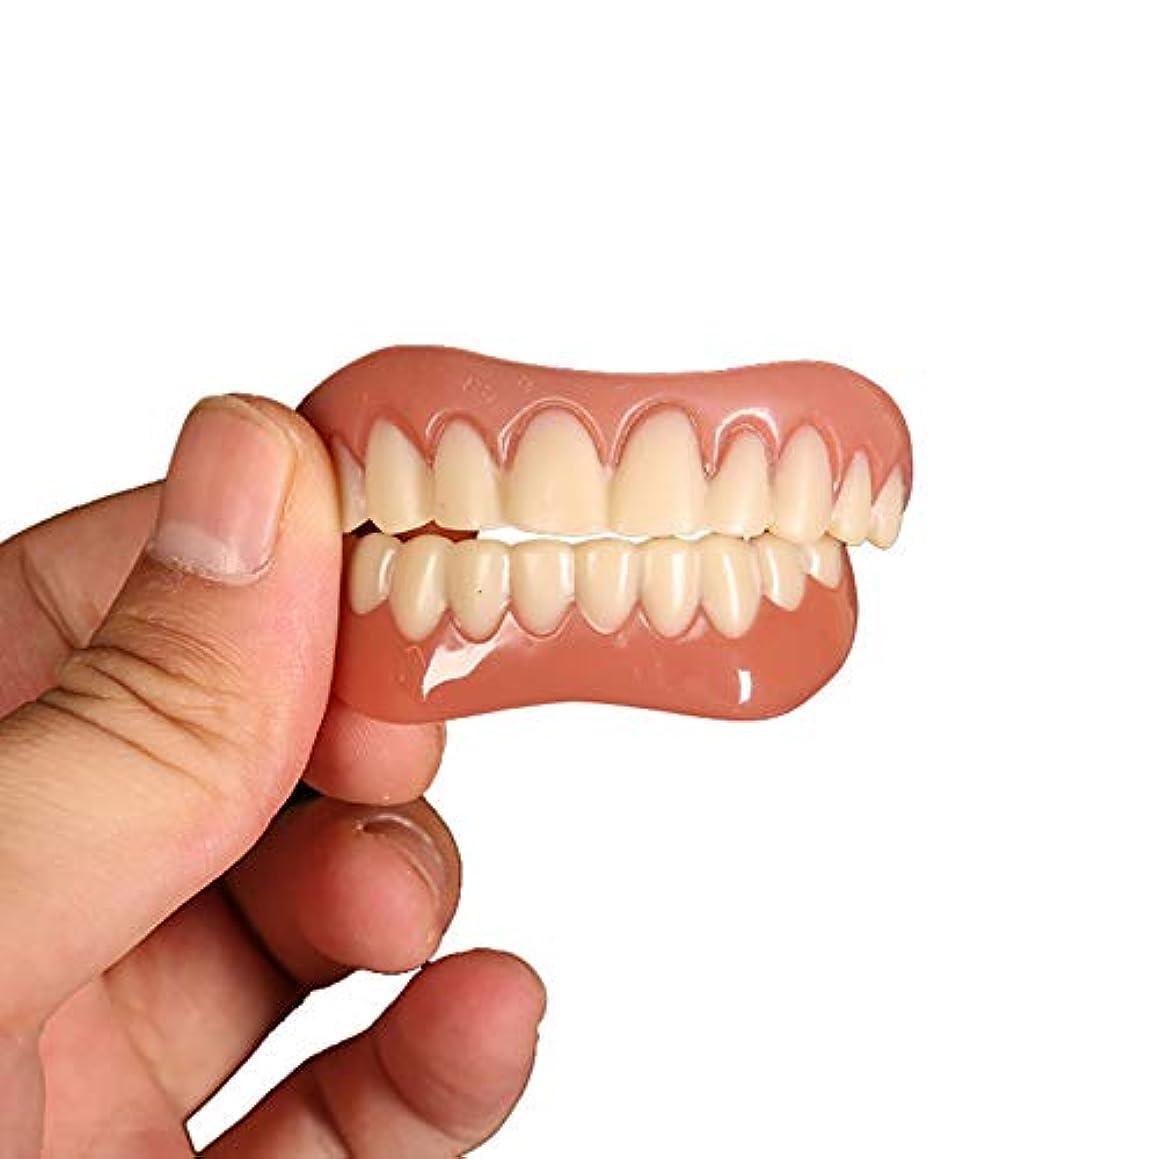 時系列教授あまりにも歯科用化粧板の快適さフィット歯の上部と底部化粧品の化粧板単サイズはすべての義歯接着剤の歯に入れます偽の義歯歯の笑顔